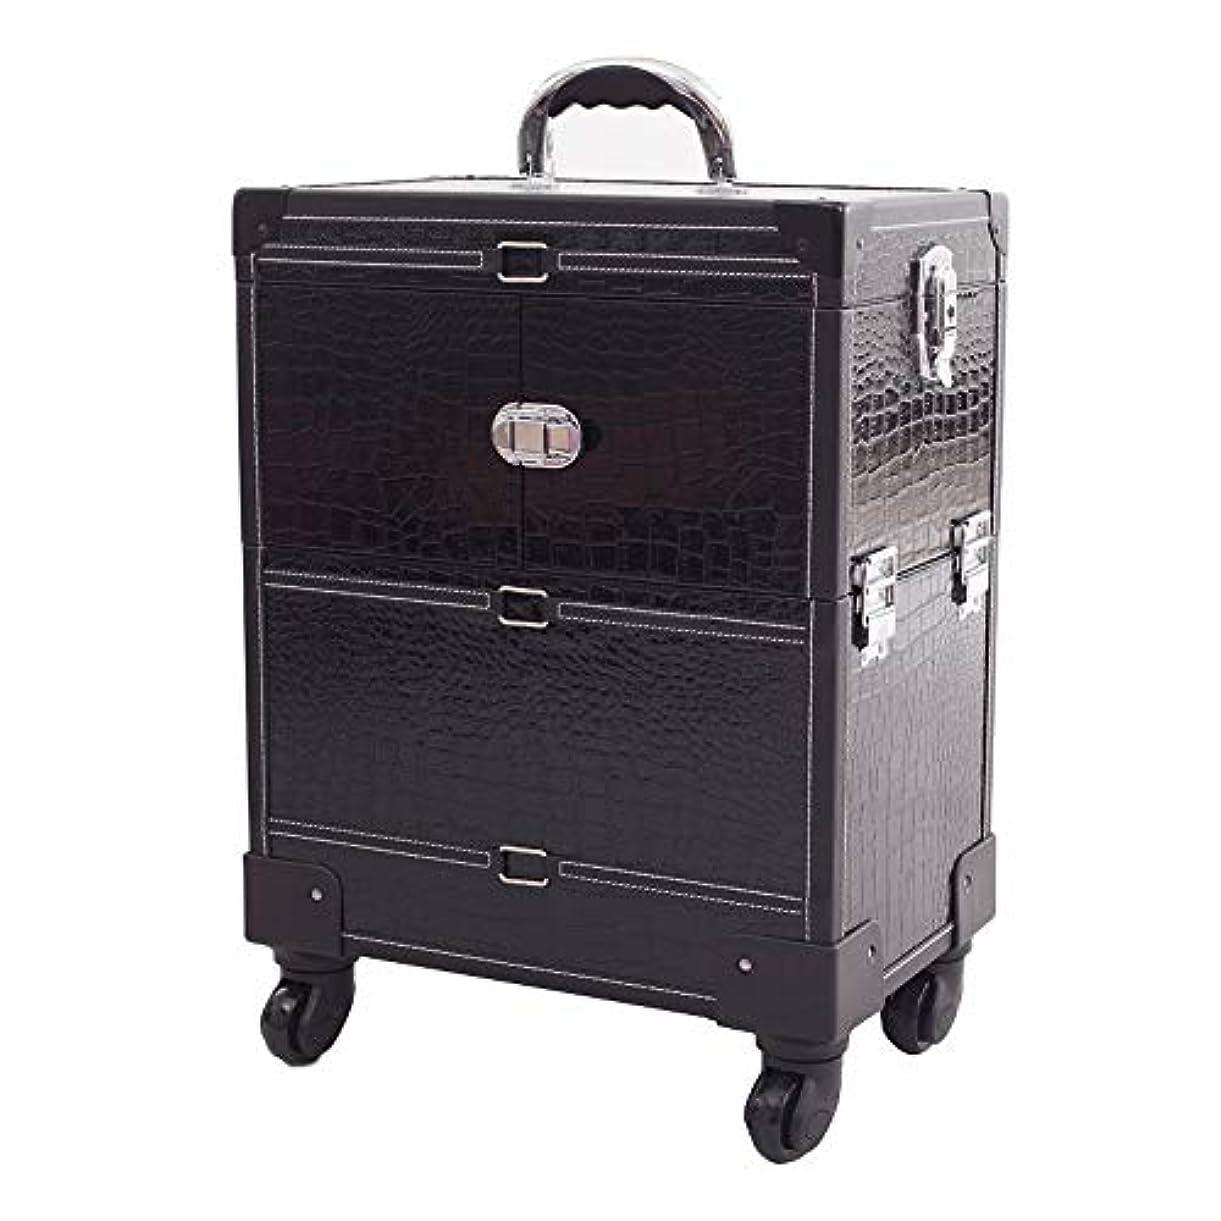 そしてもろい命令YWAWJ 旅行ボックス4ホイール美容ブラッククロコダイル柄ローリングメイクアップアーティストケースロック可能なトロリー化粧品オーガナイザー